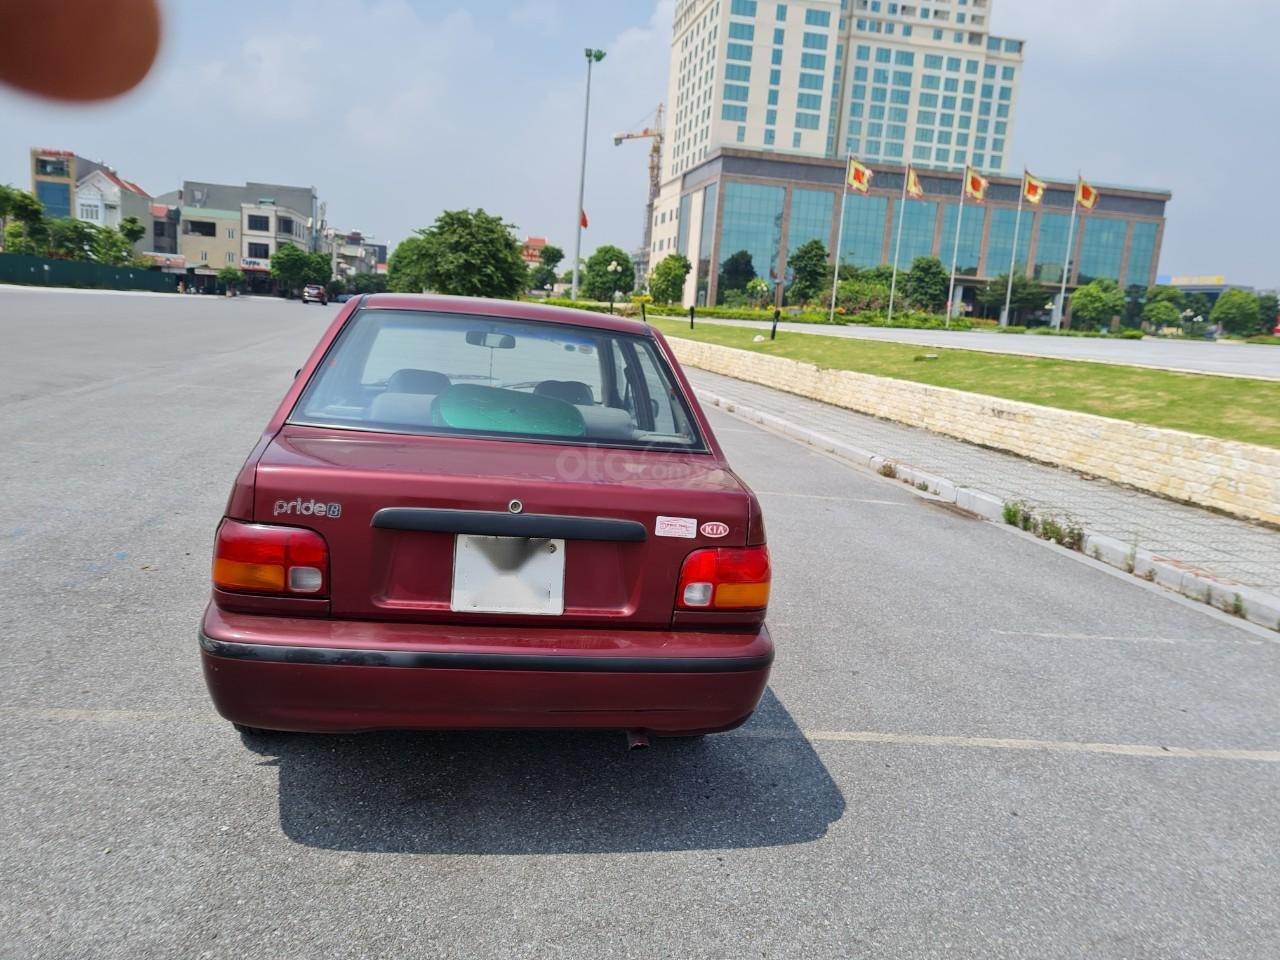 Cần bán Kia Pride GTL, SX 2001, máy xăng, nhập khẩu, đã chạy 80000km, xăng 6 L/100km, nội thất màu ghi, xe 5 cửa, máy 1.3 (4)